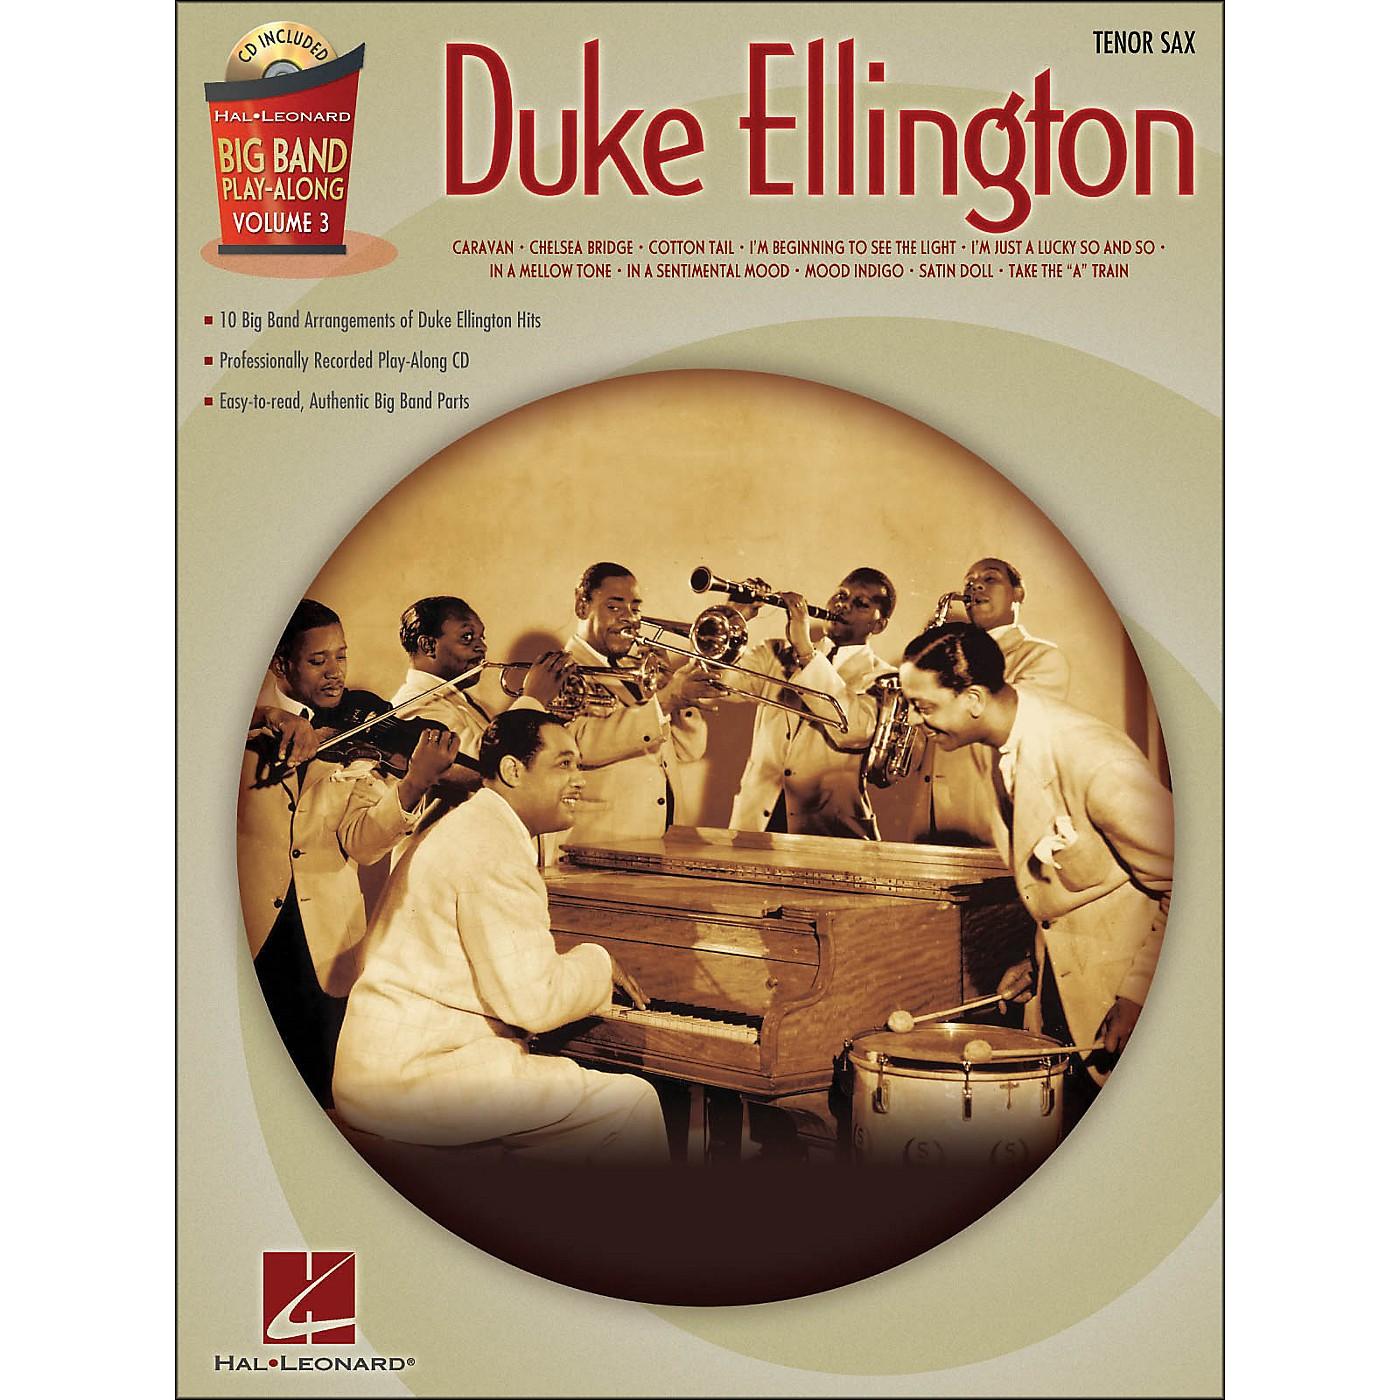 Hal Leonard Duke Ellington Big Band Play-Along Vol. 3 Tenor Sax thumbnail